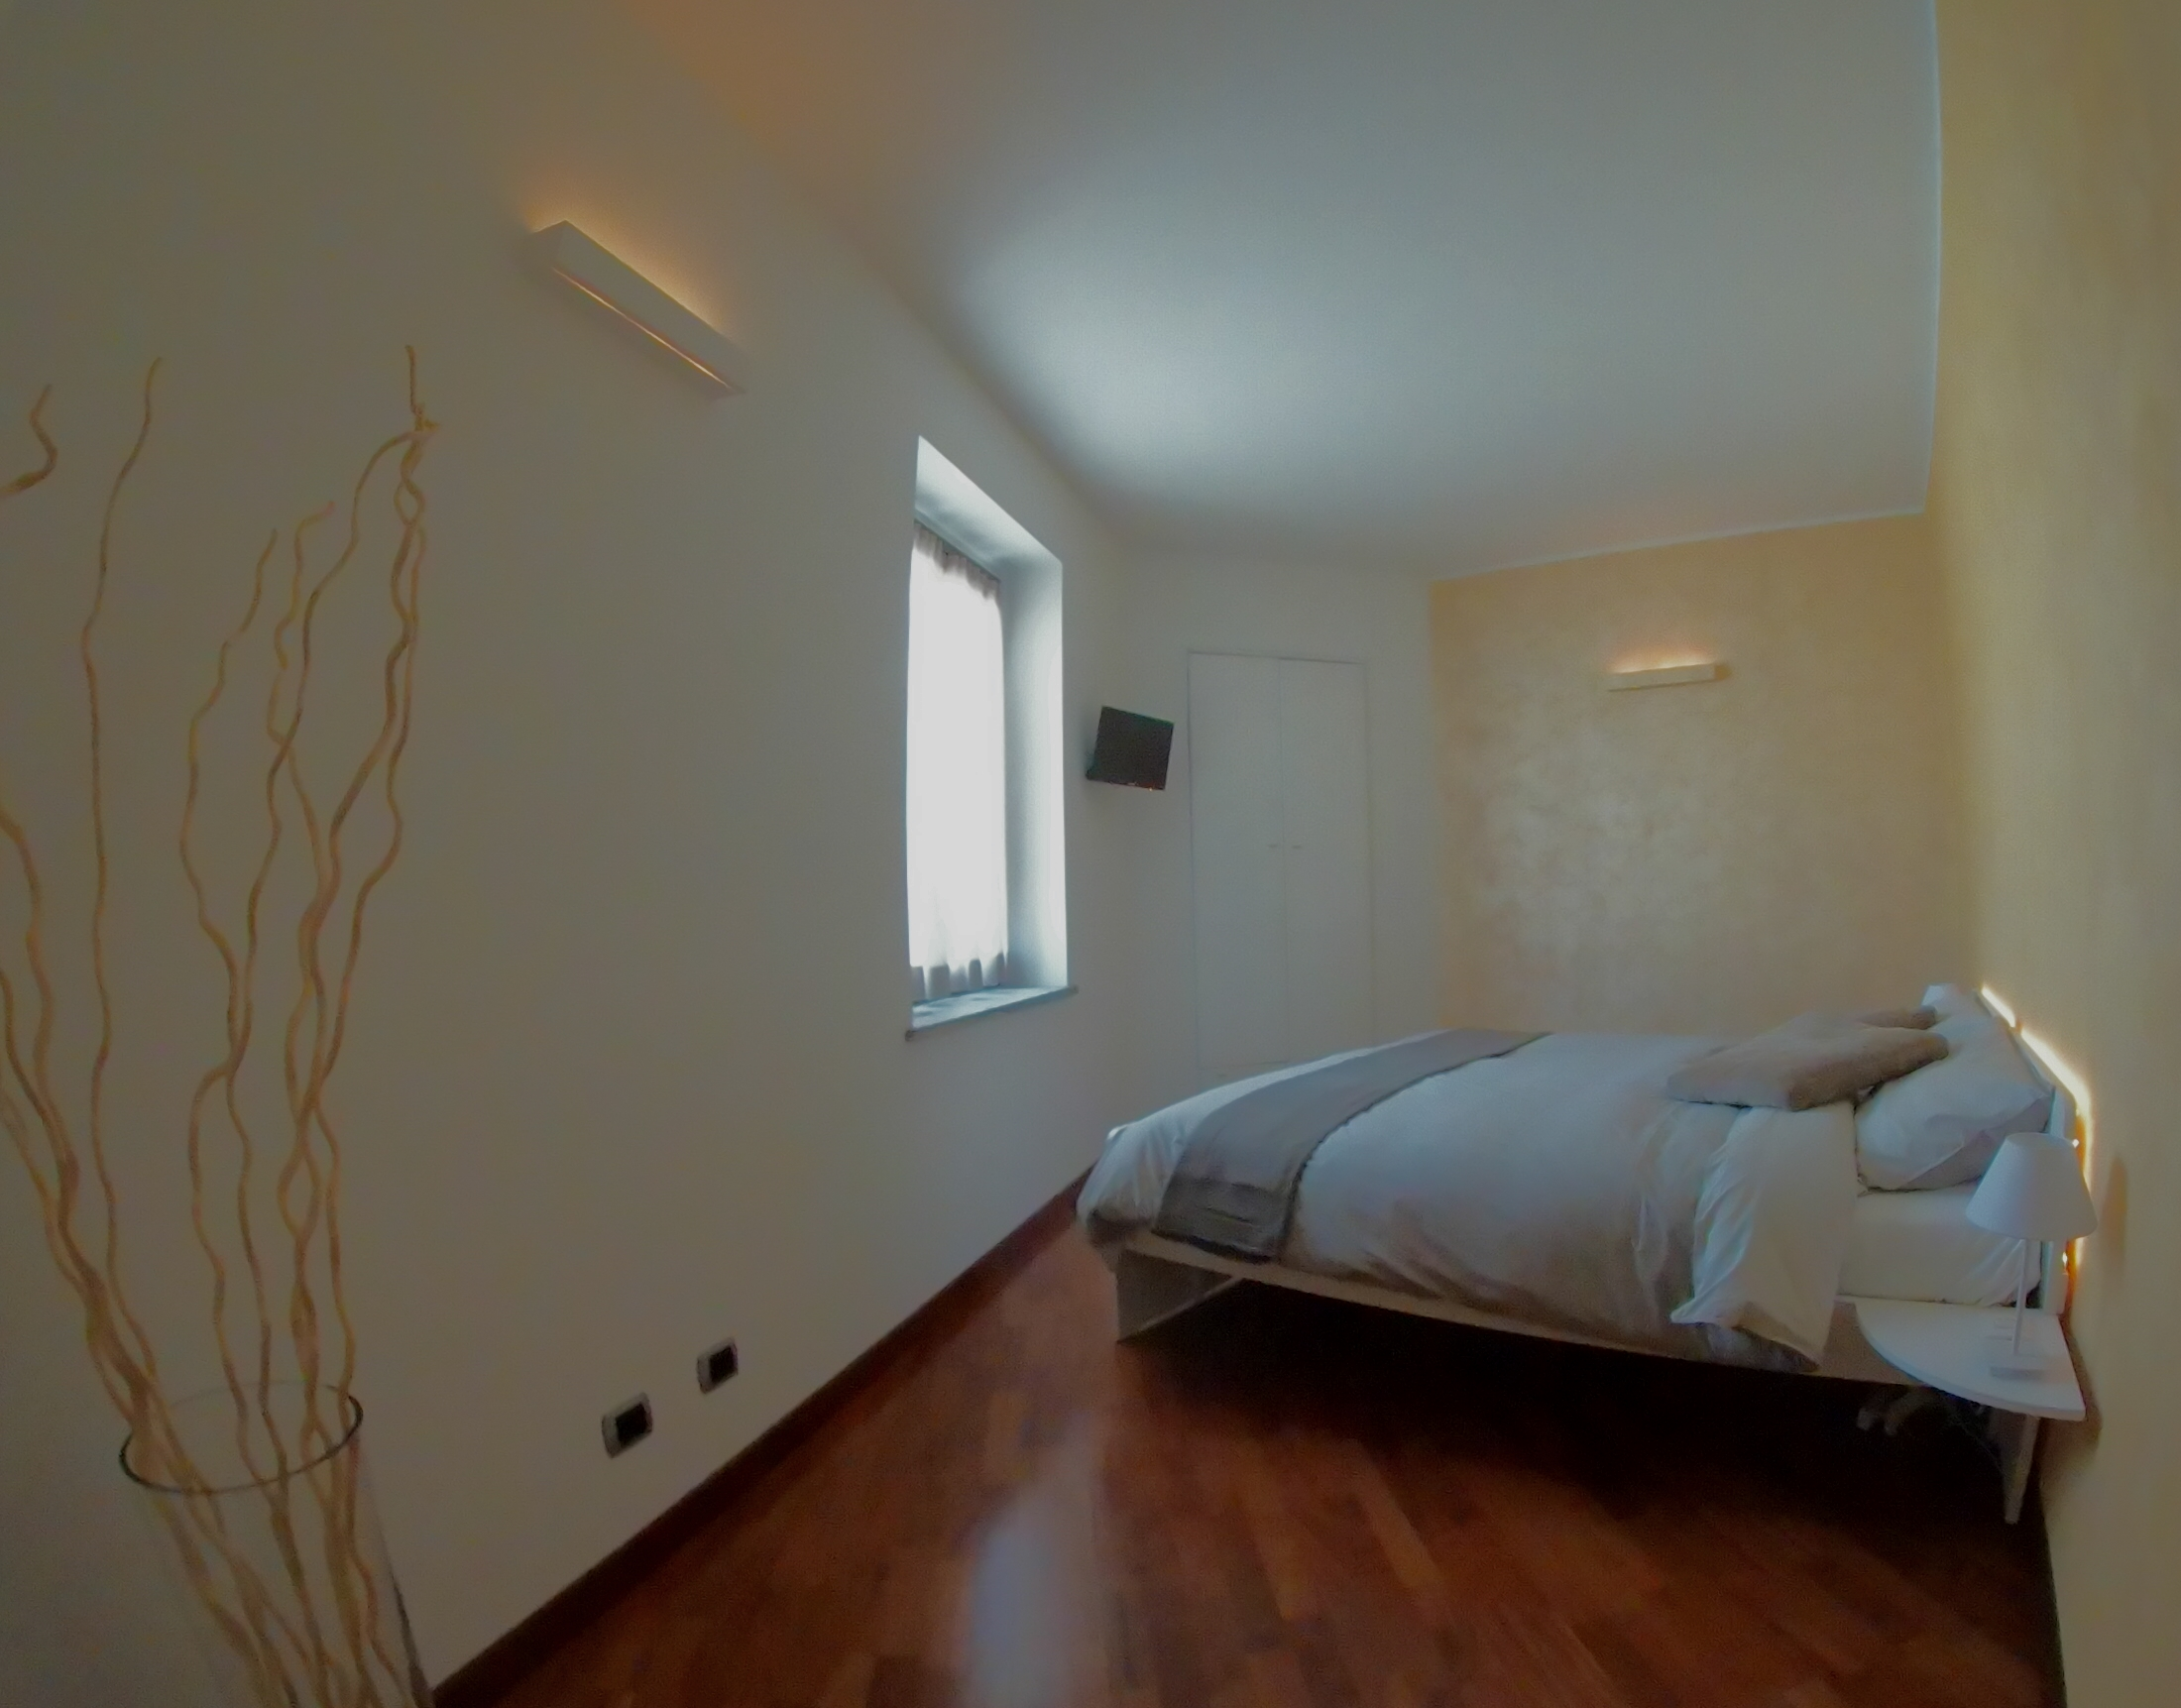 Ferienhaus Villa Cometa - Lebende Mode - (2599033), Casaleggio Novara, Novara, Piemont, Italien, Bild 15